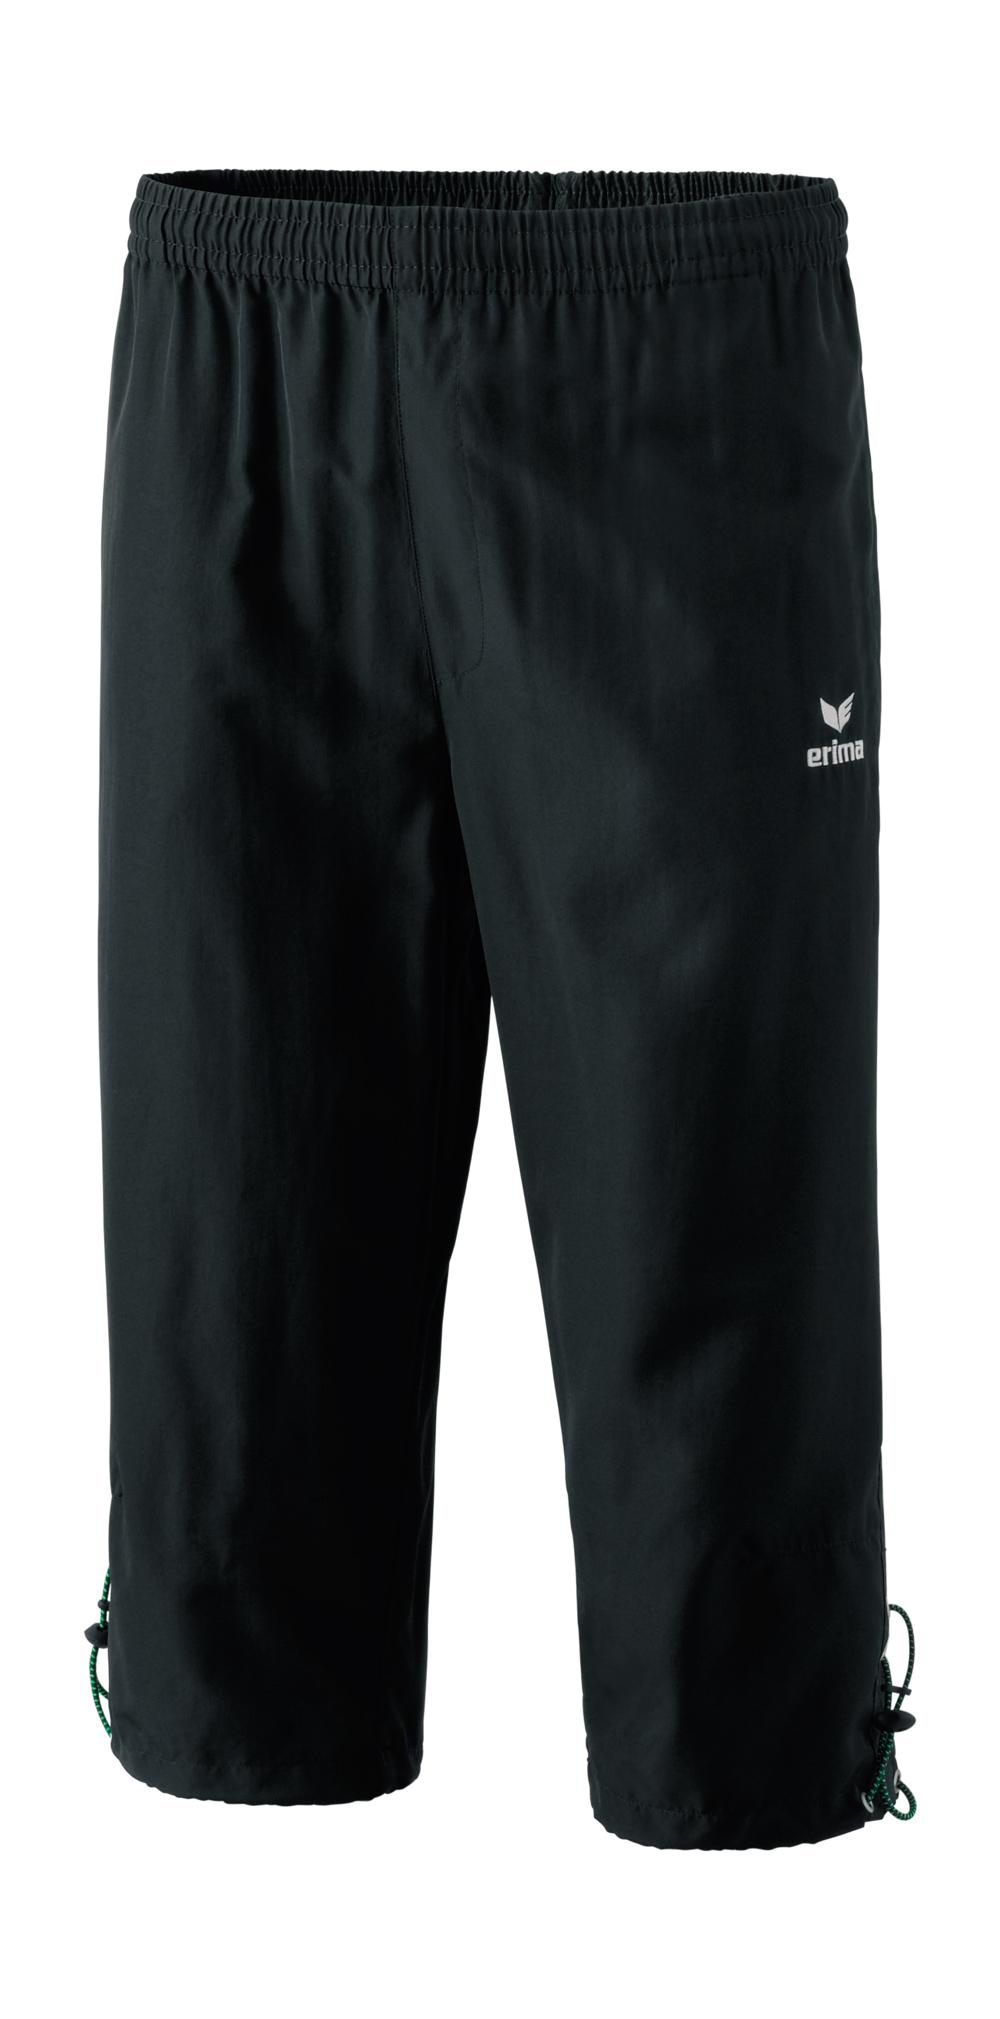 Herren Hose Basic 3/4 Pant, black, 5